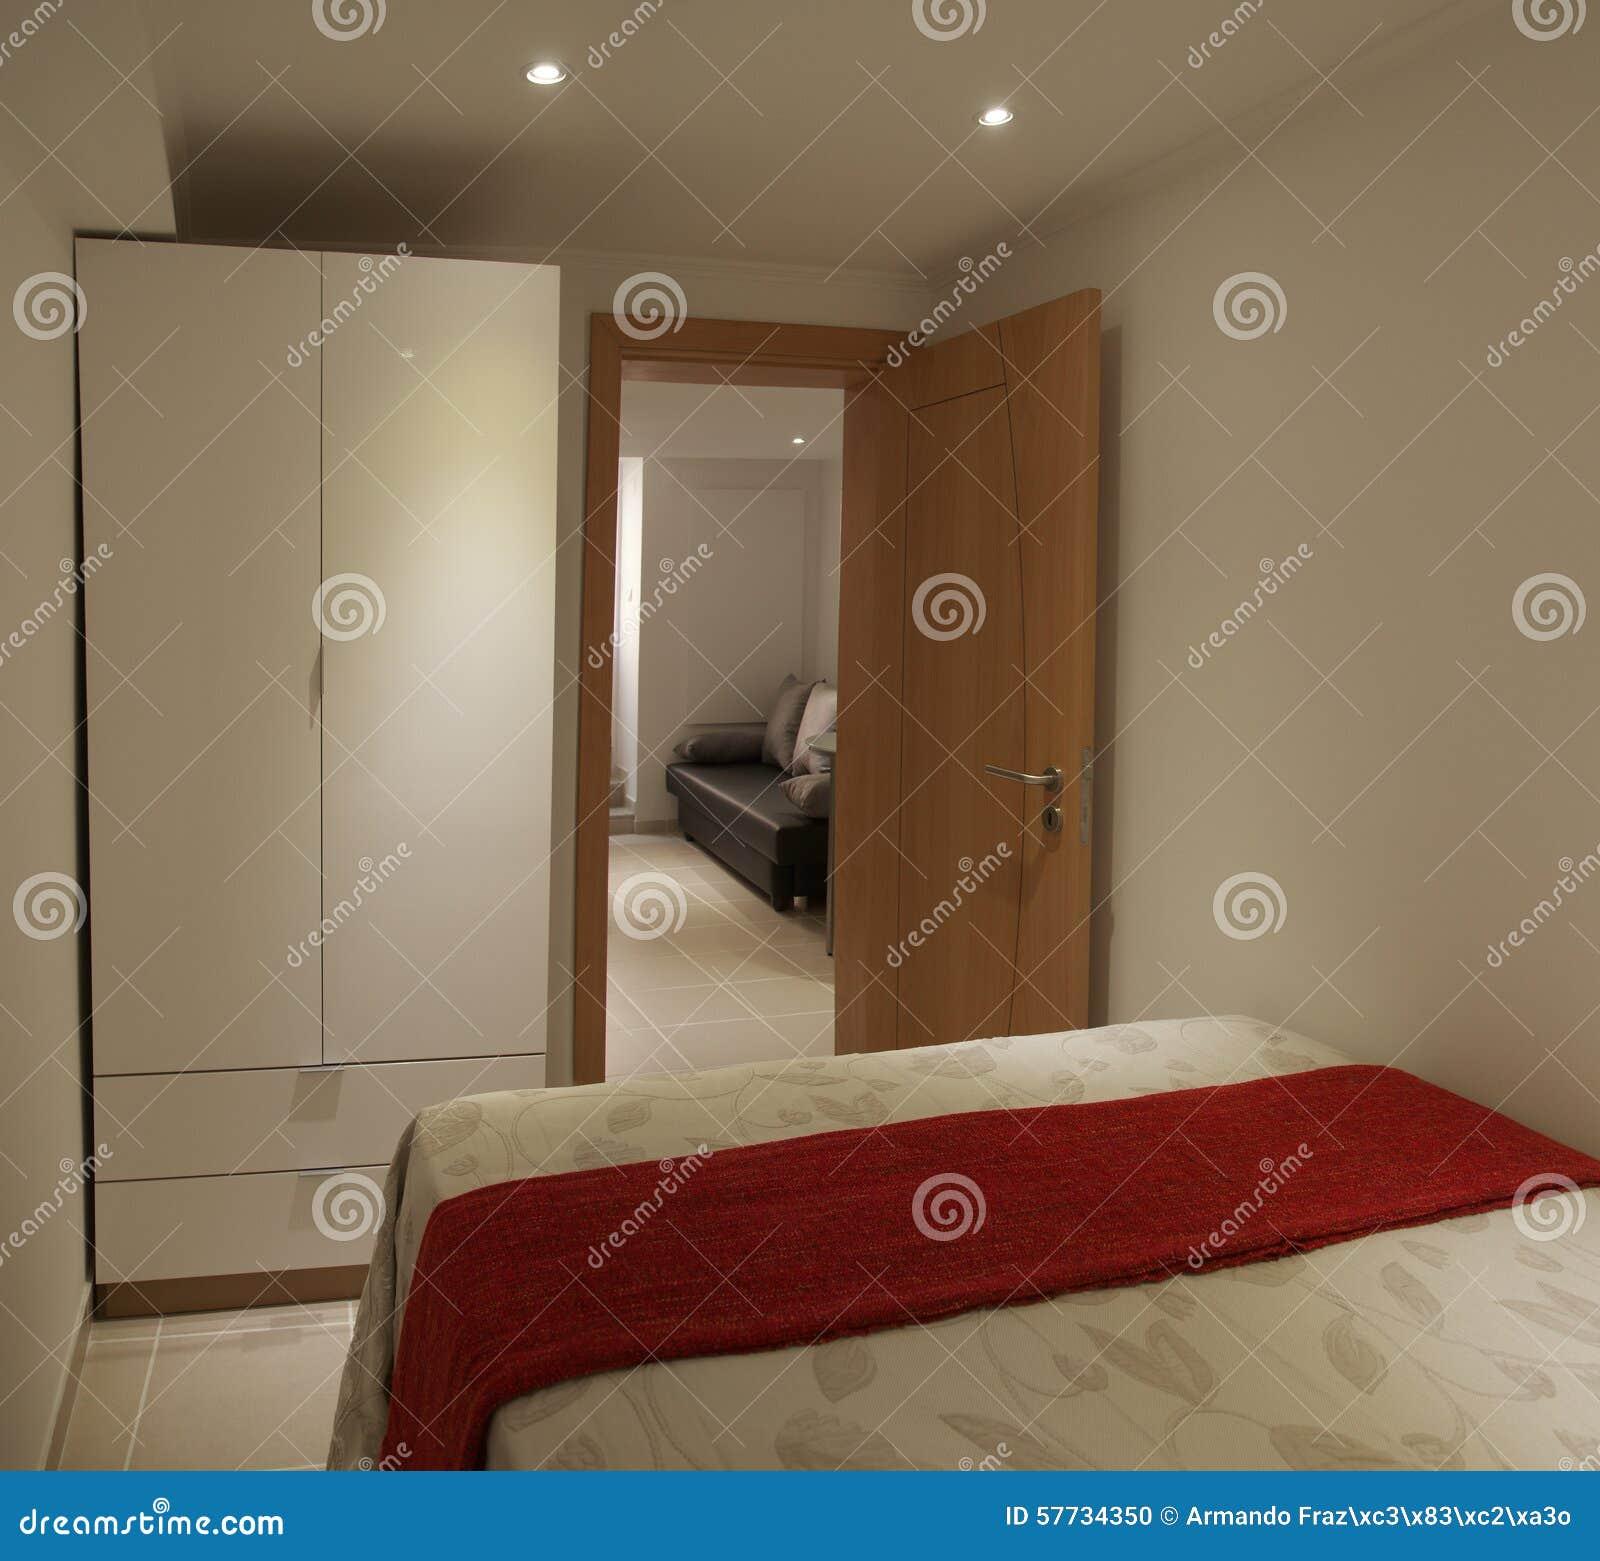 Kleine witte slaapkamer stock foto's– 145 kleine witte slaapkamer ...